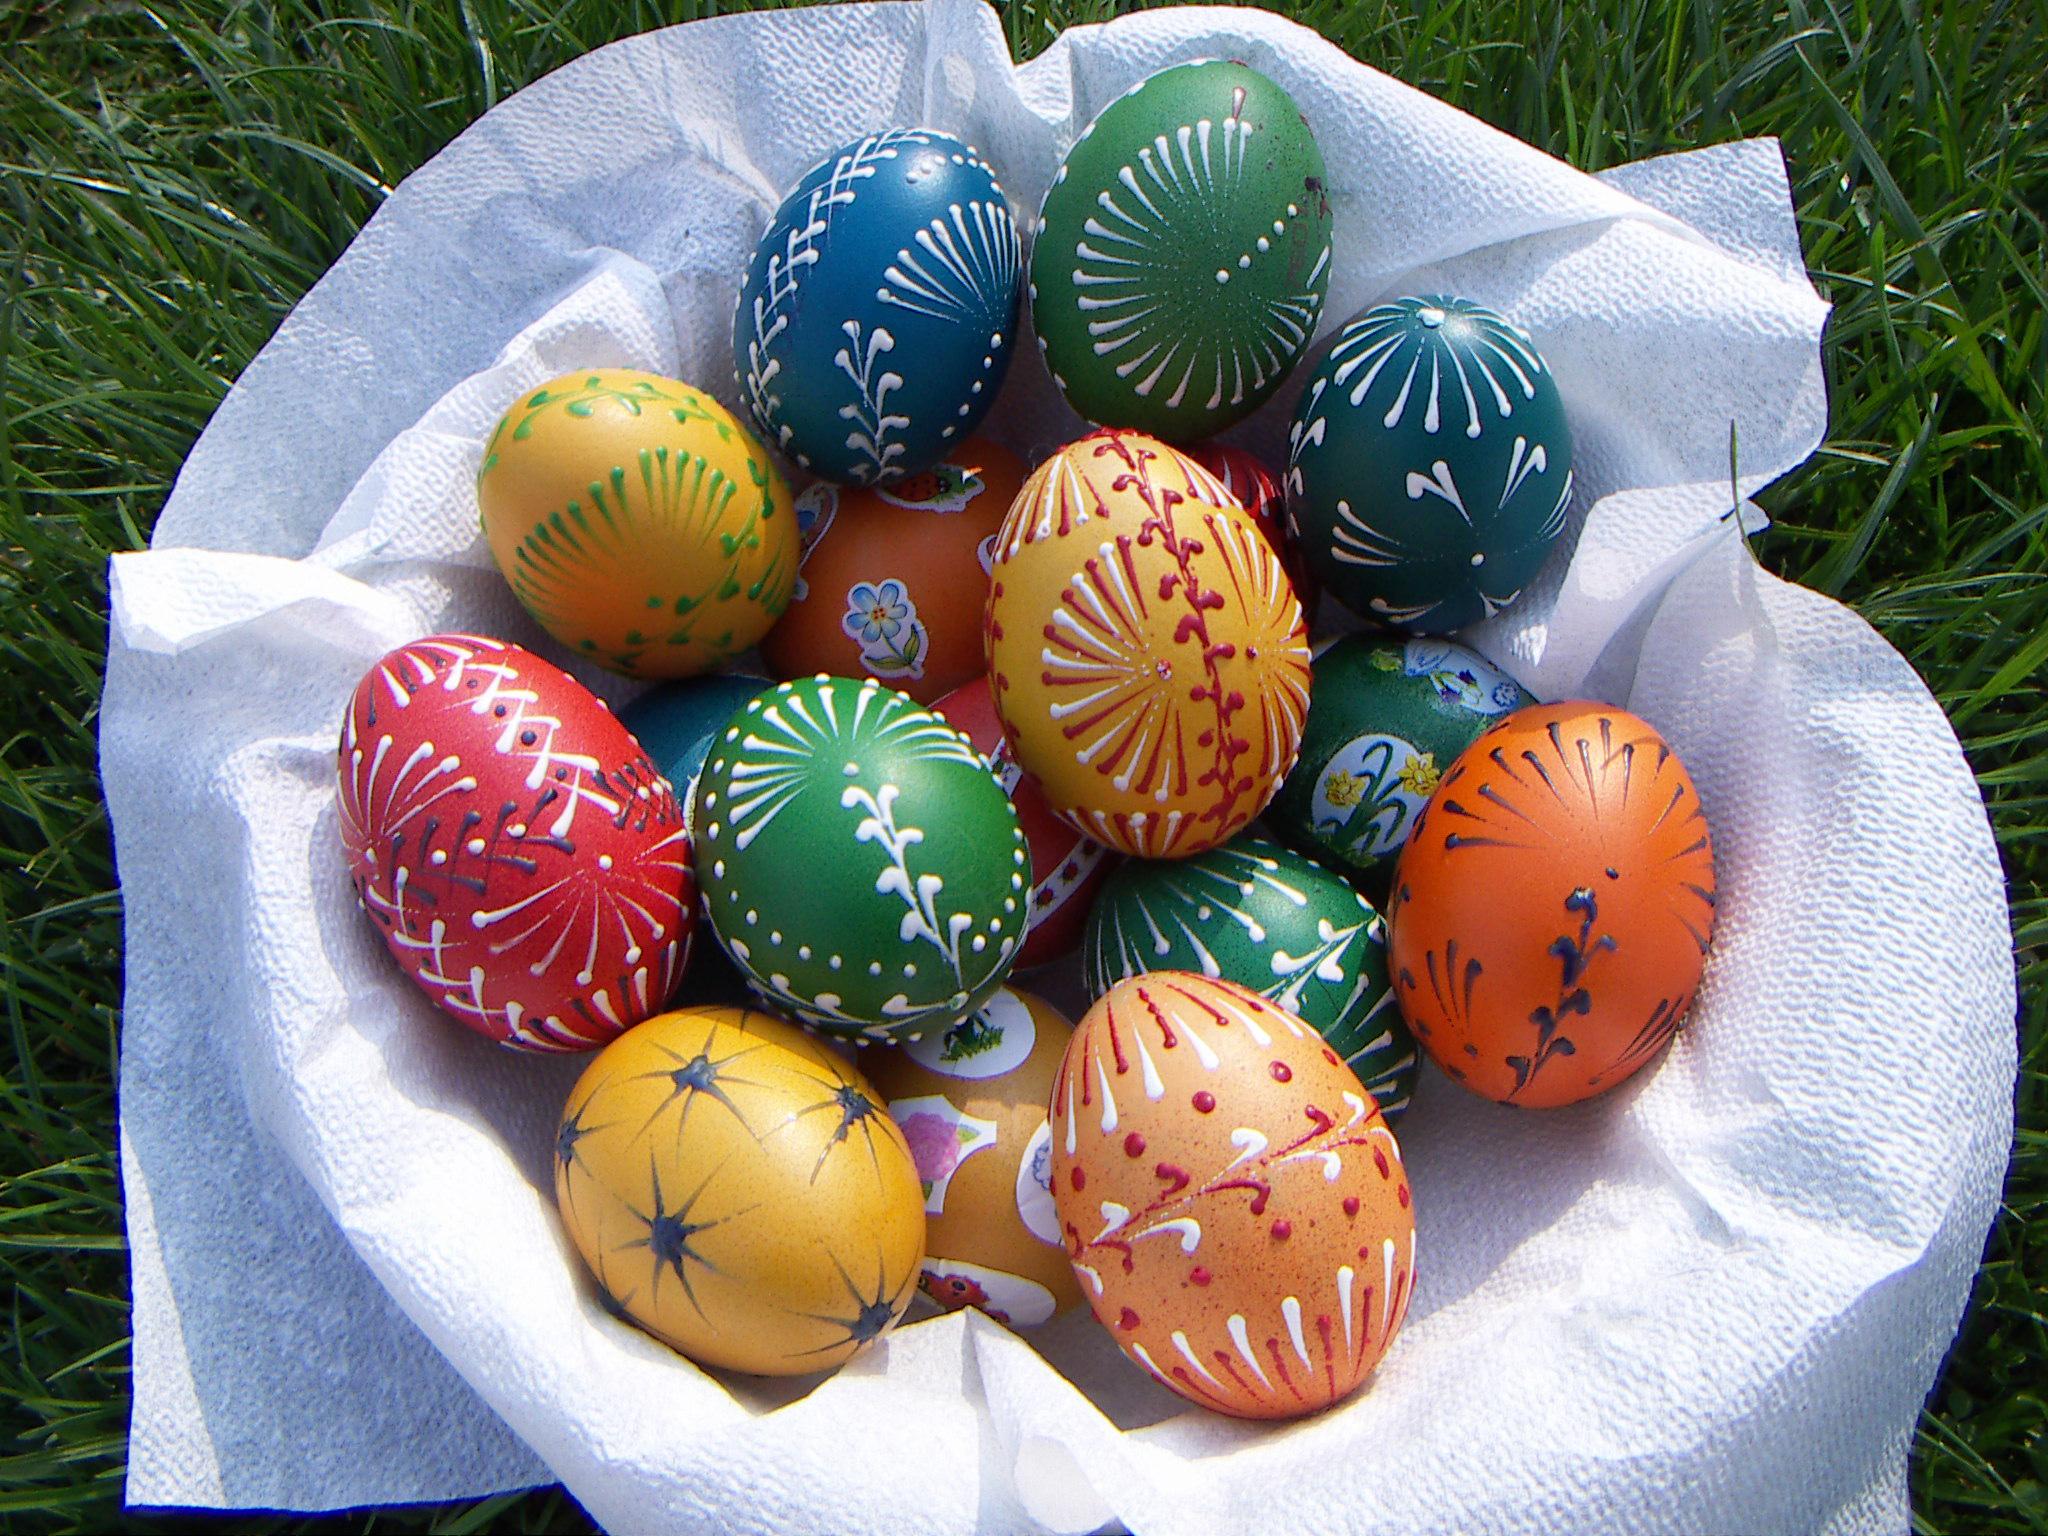 Pasqua e Pasquetta a Torino: cosa fare il 16 e il 17 aprile 2017